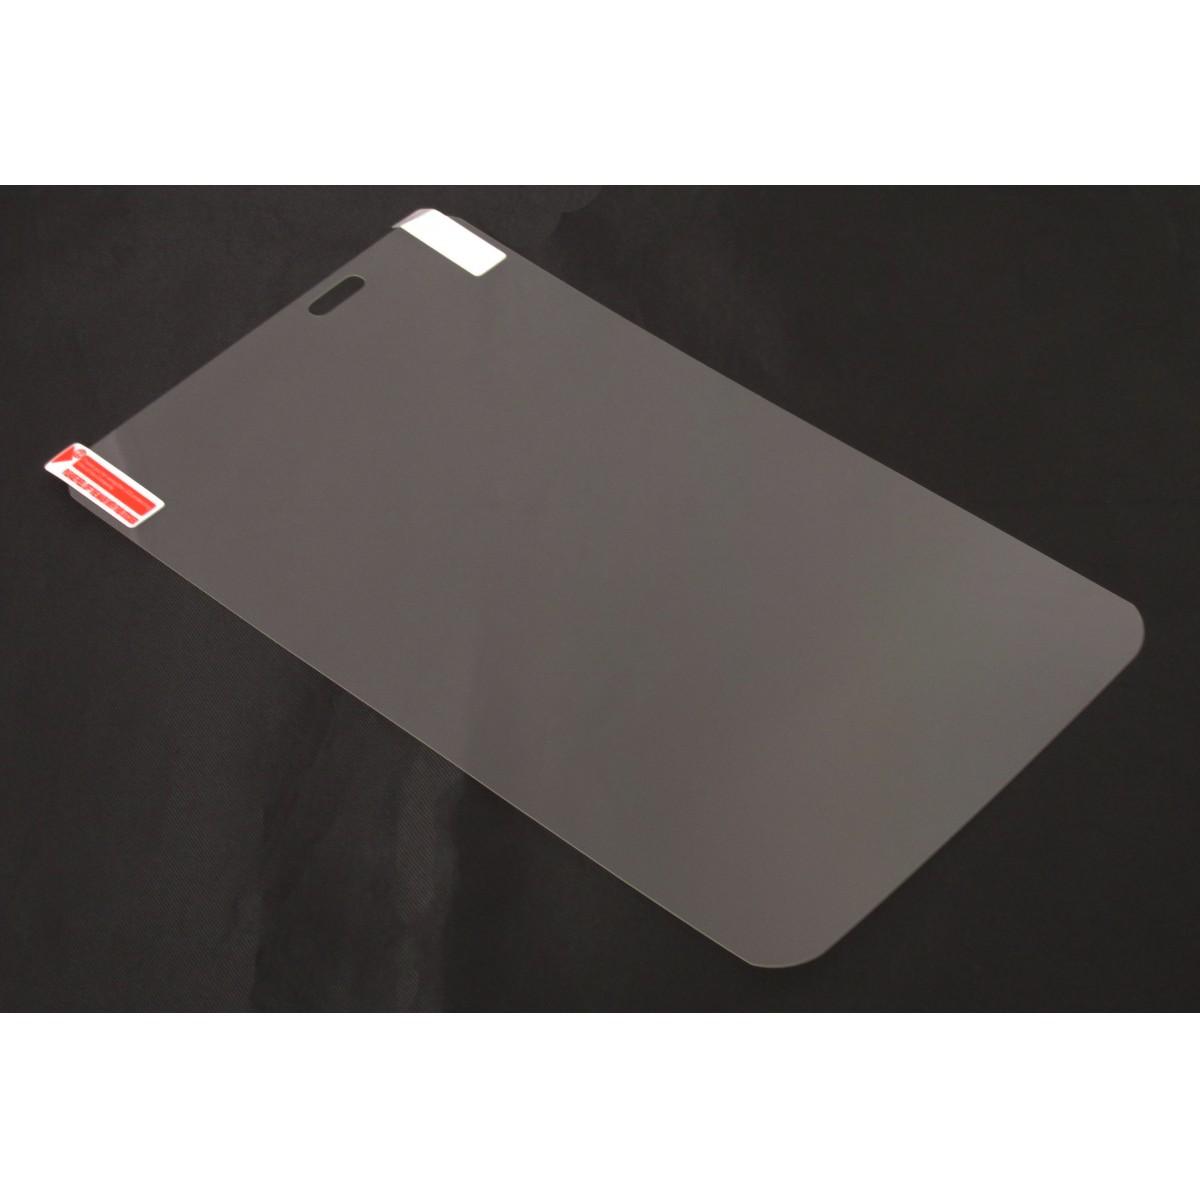 Pelicula Protetora para LG G Pad 8.3 V500 Transparente